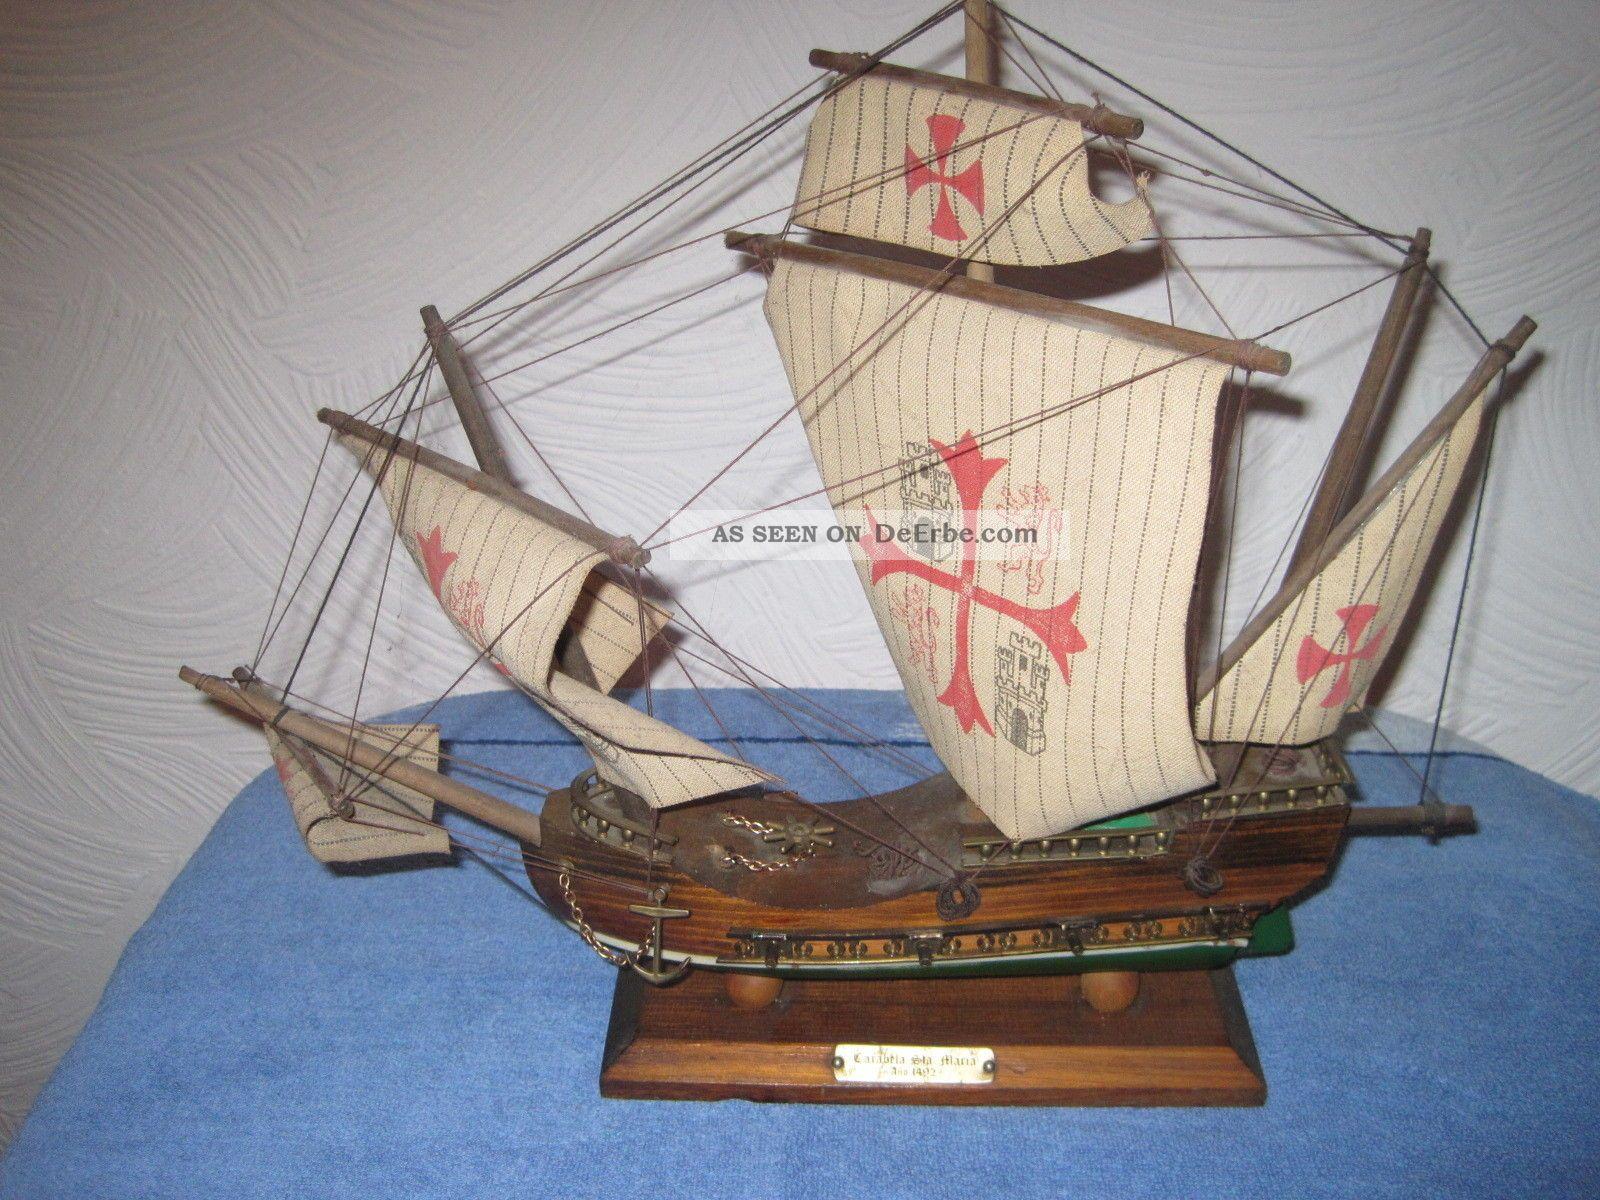 Modellschiff Segelschiff Teakholz Schiffsmodell Segelboot Deko Maritim L 42cm